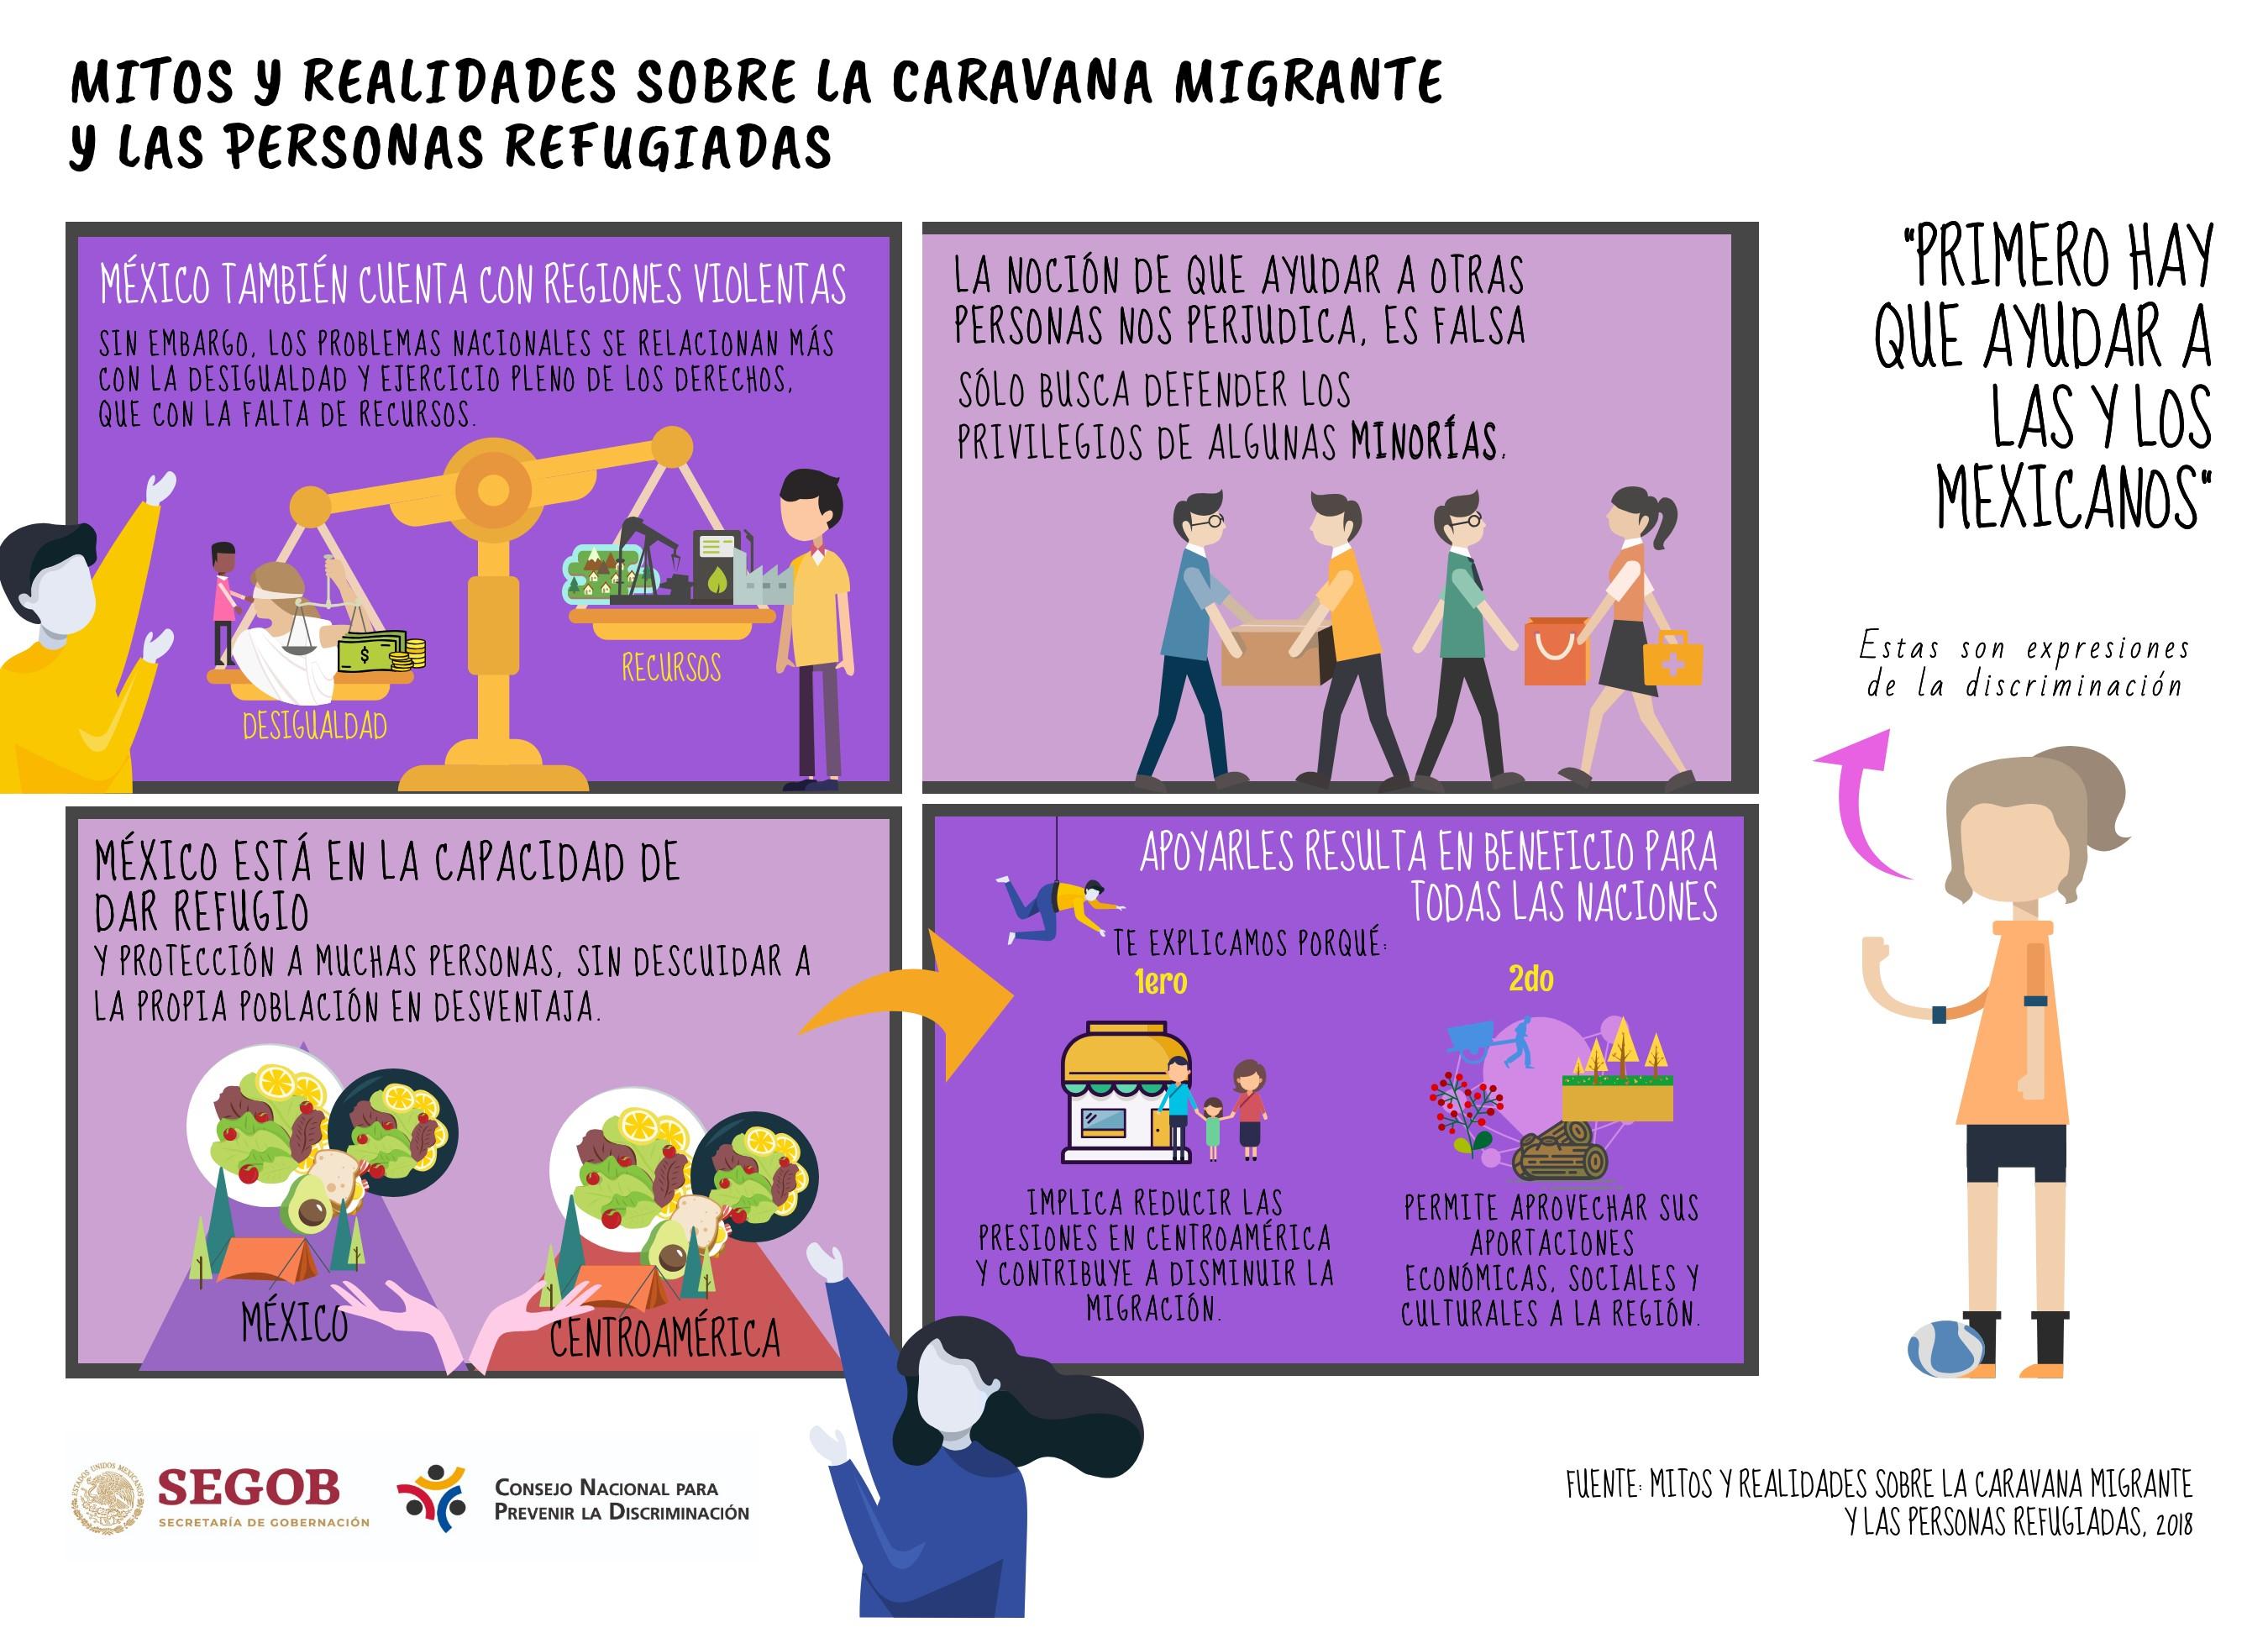 Infografía sobre personas refugiadas y la caravana migrante